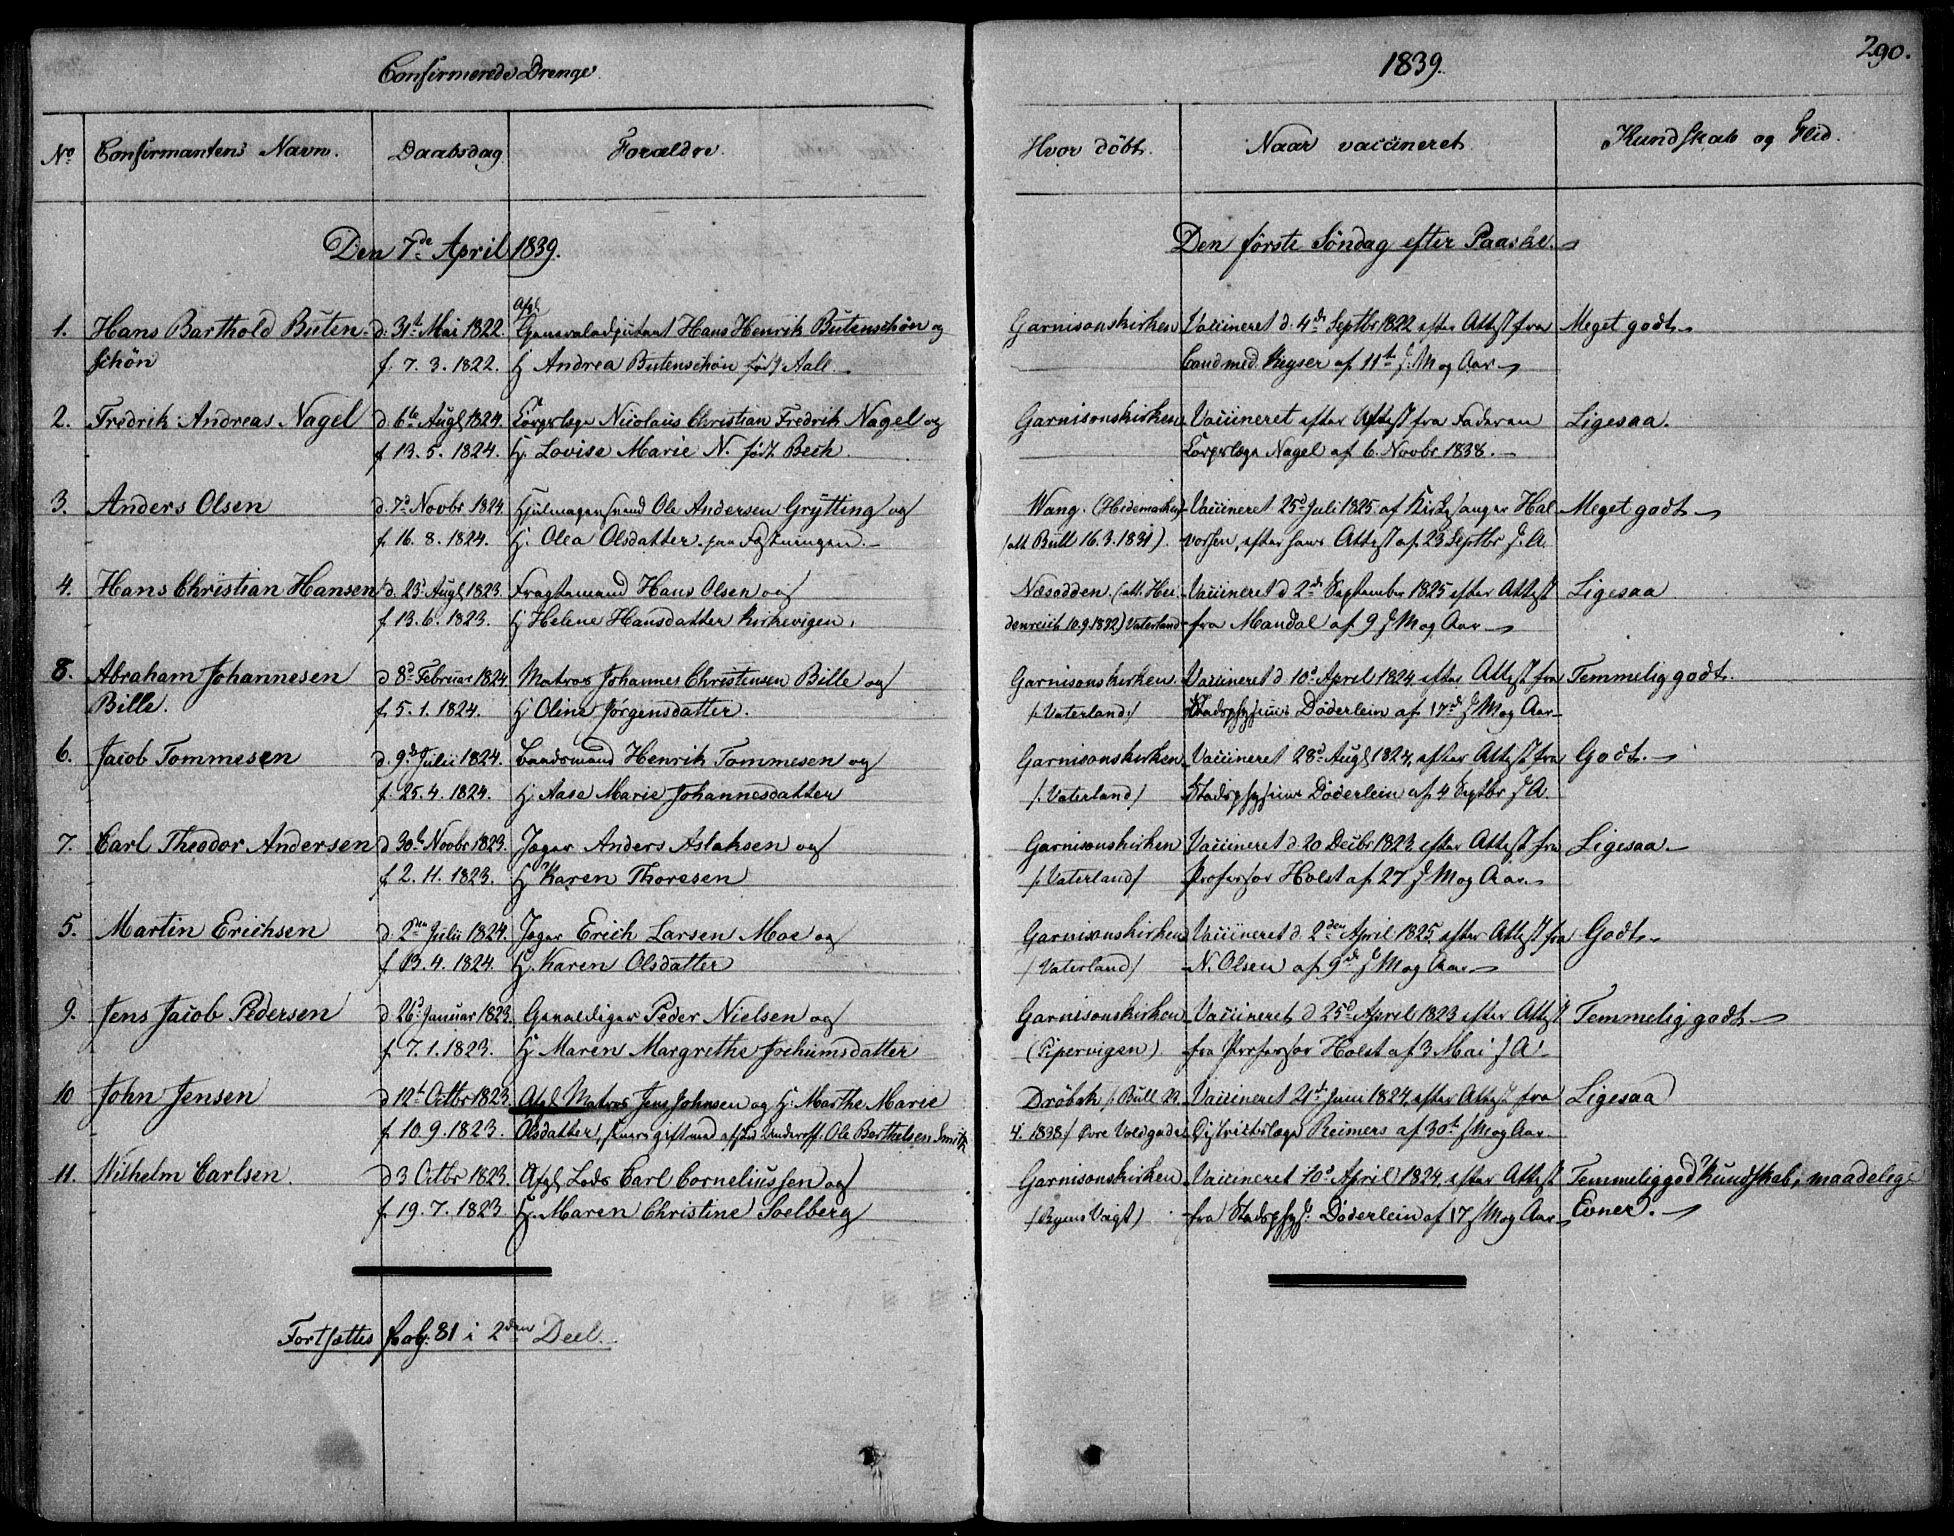 SAO, Garnisonsmenigheten Kirkebøker, F/Fa/L0006: Ministerialbok nr. 6, 1828-1841, s. 290